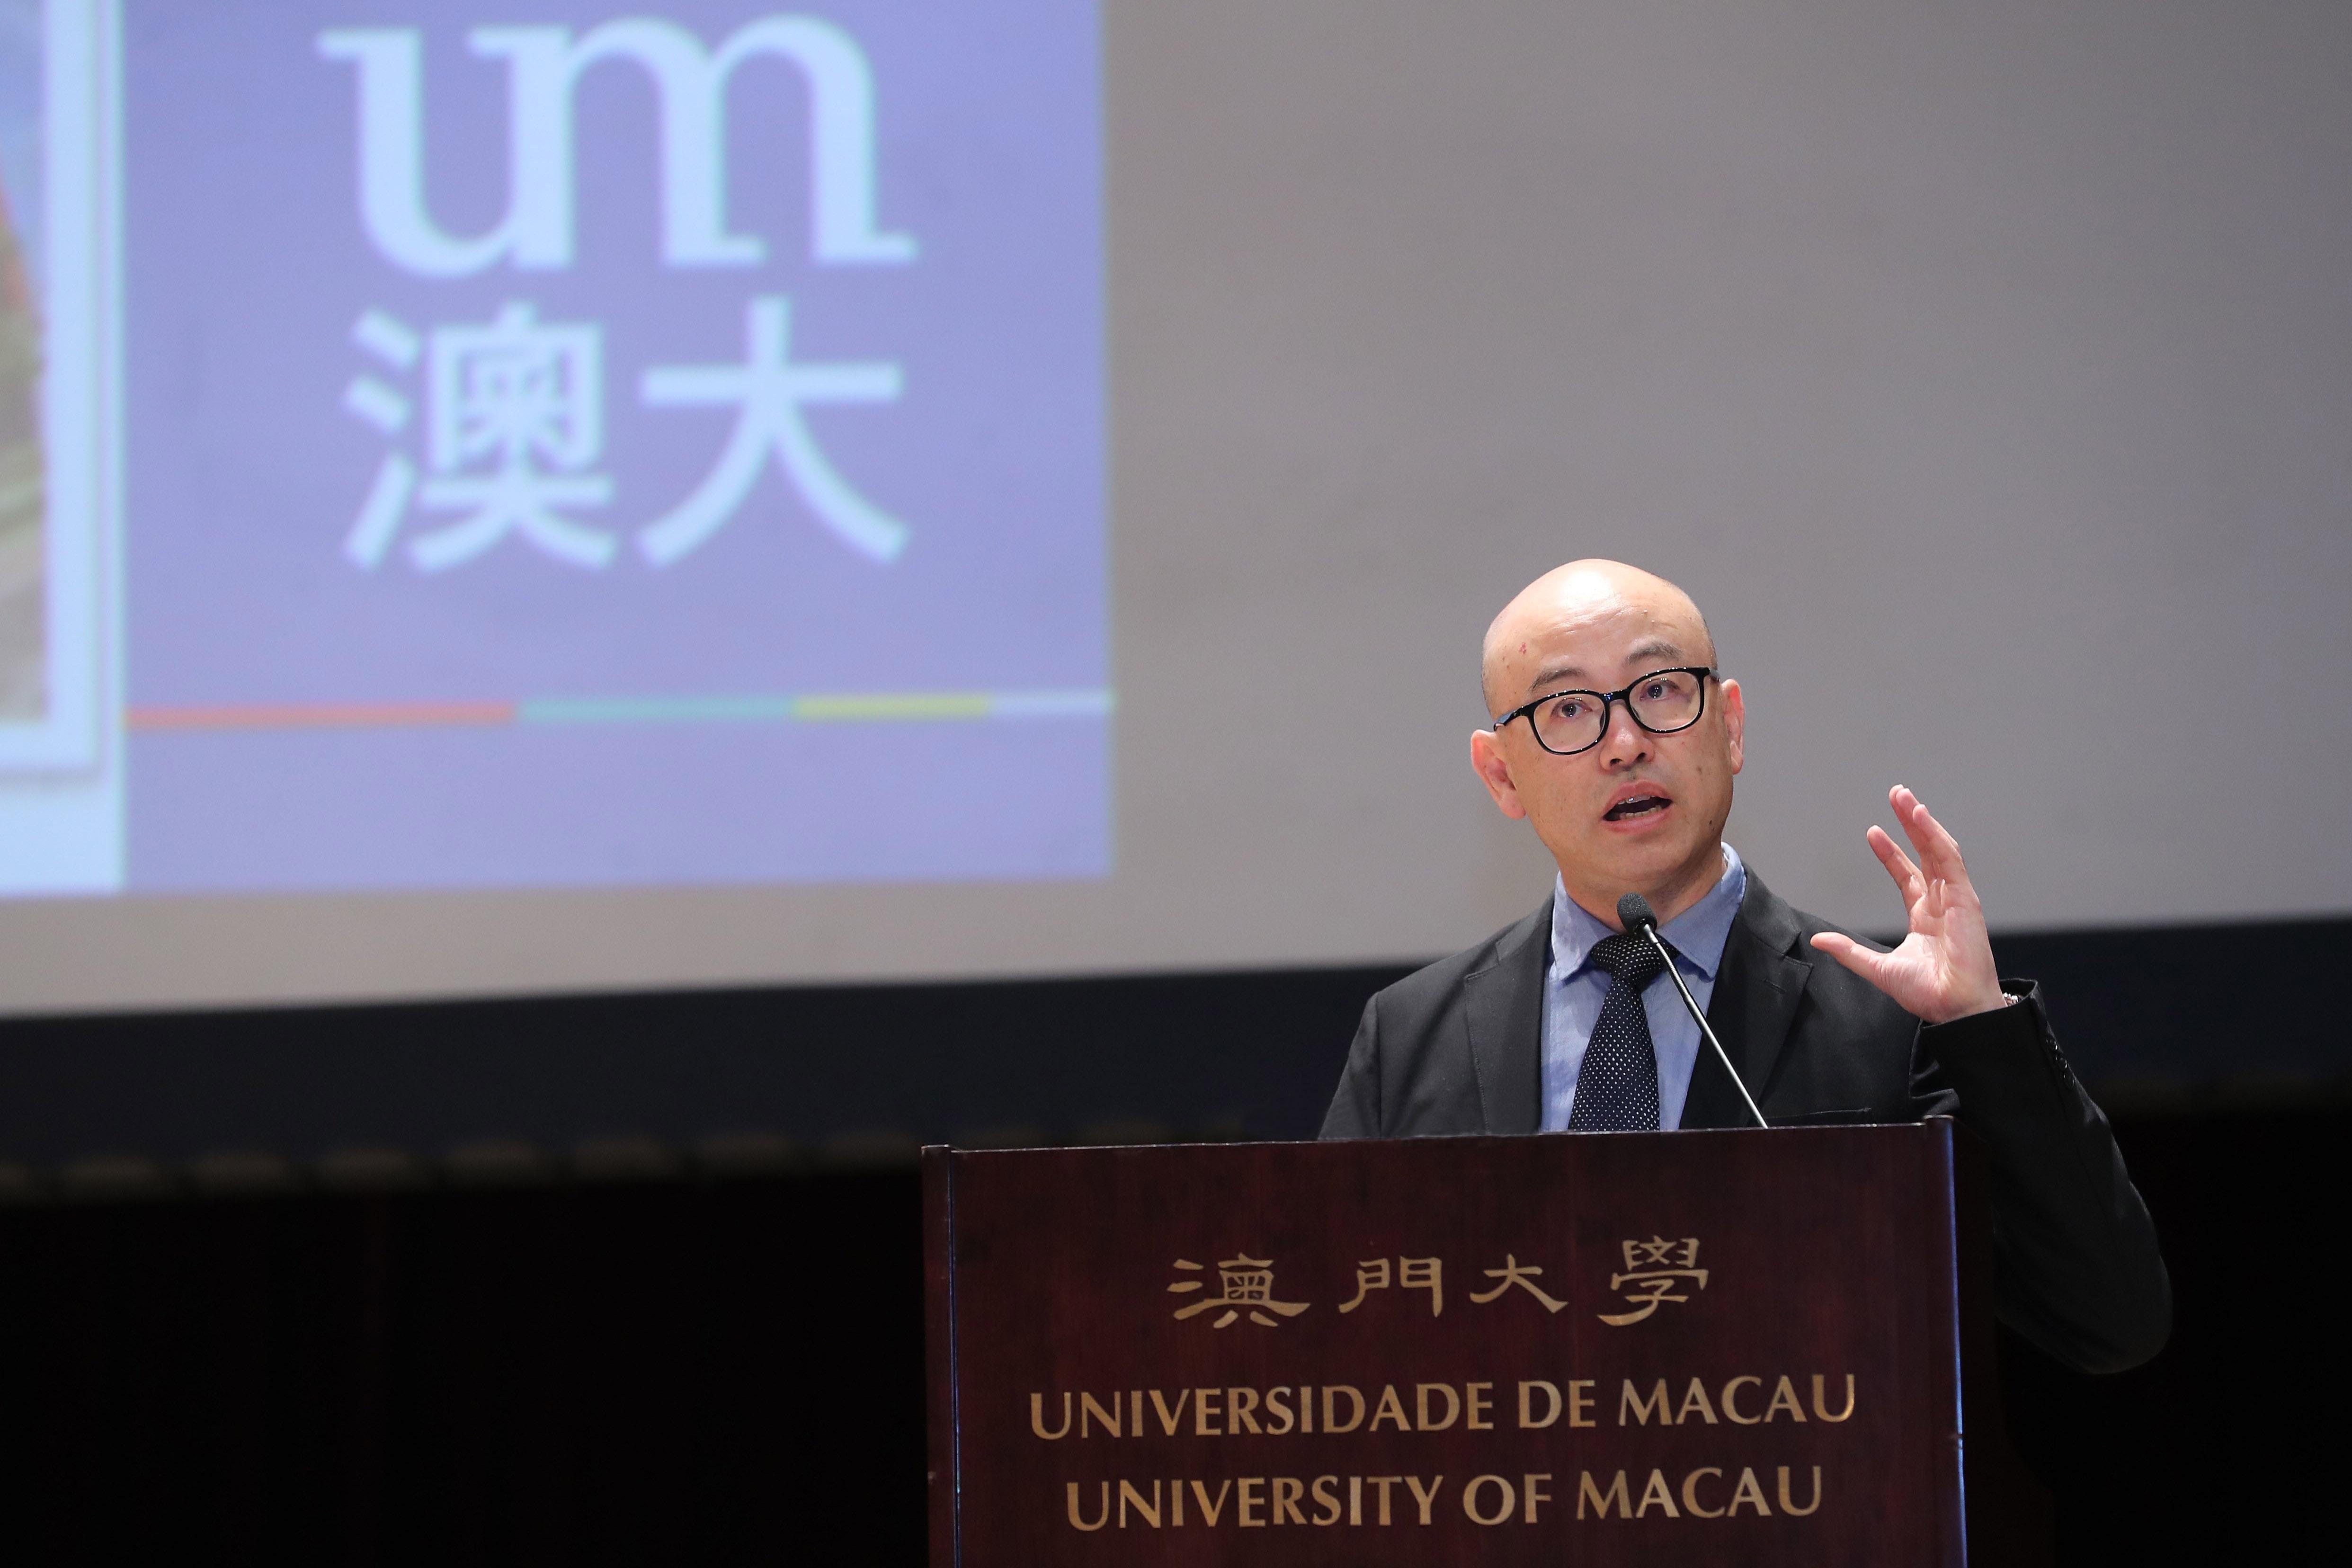 Lam Long Wai talks about the unique competitive advantages of UM's academic programmes